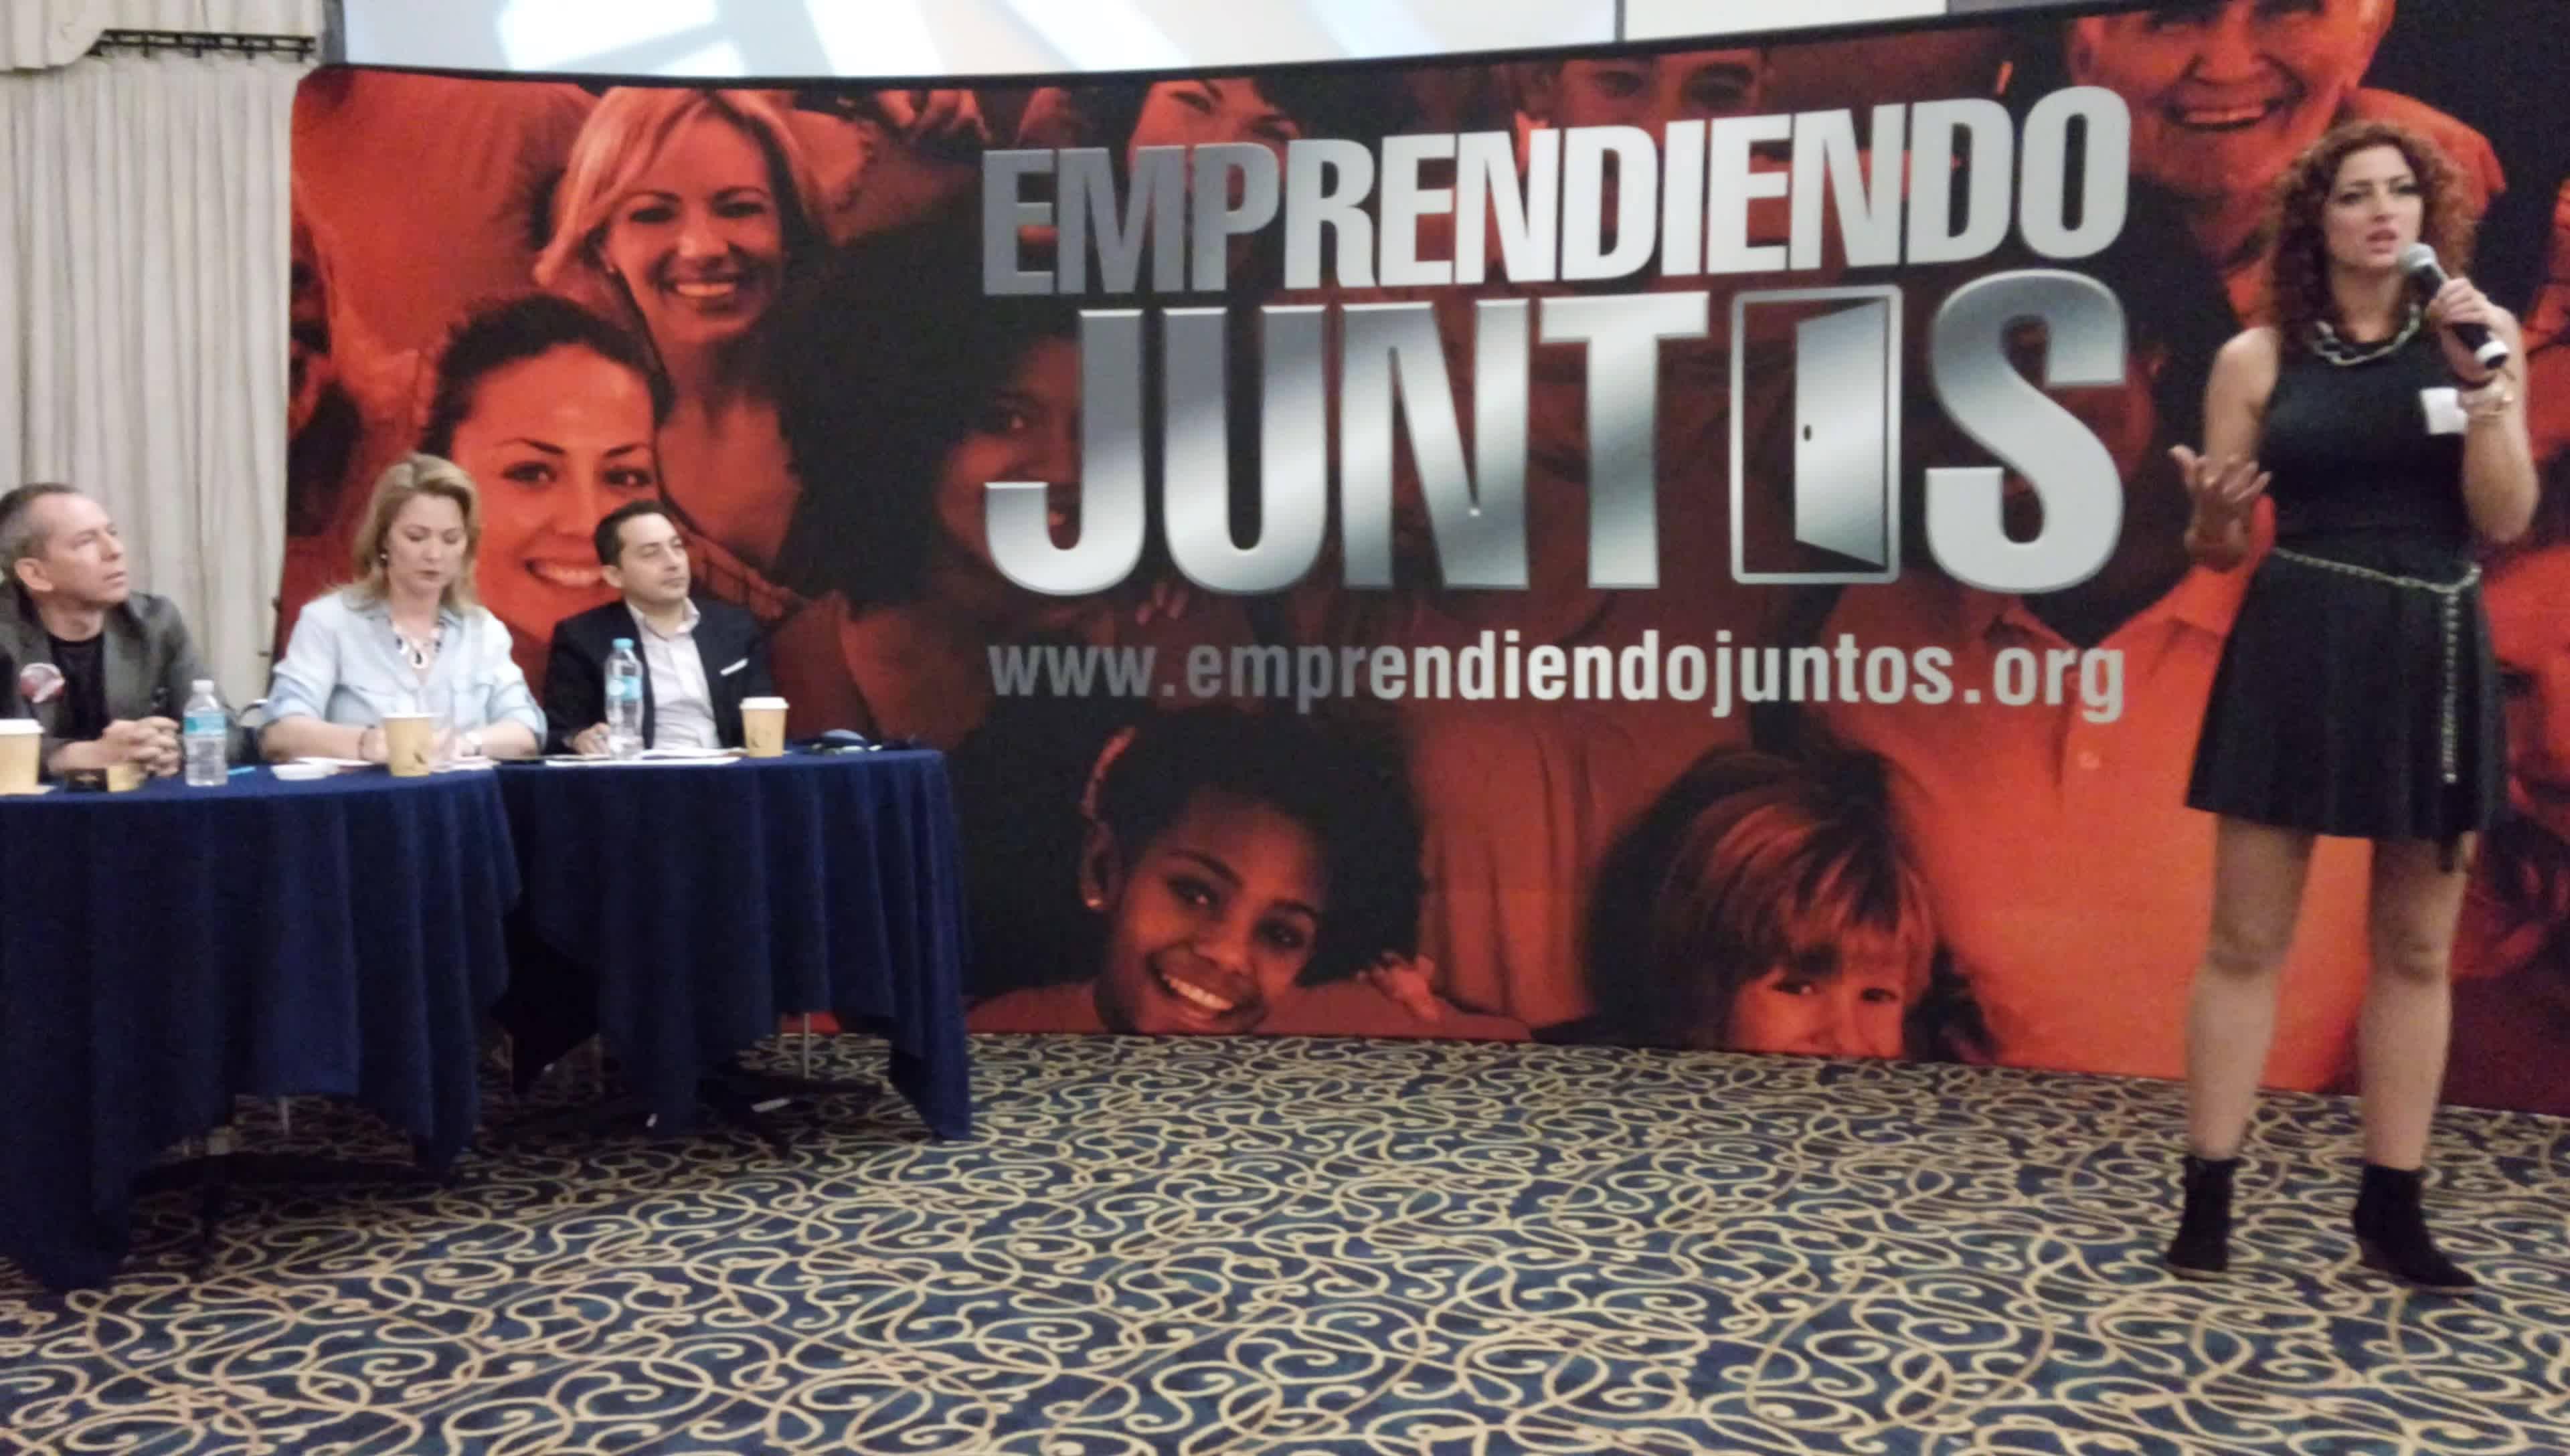 """Presentación  en """"Emprendiendo juntos"""" ciudad de México"""